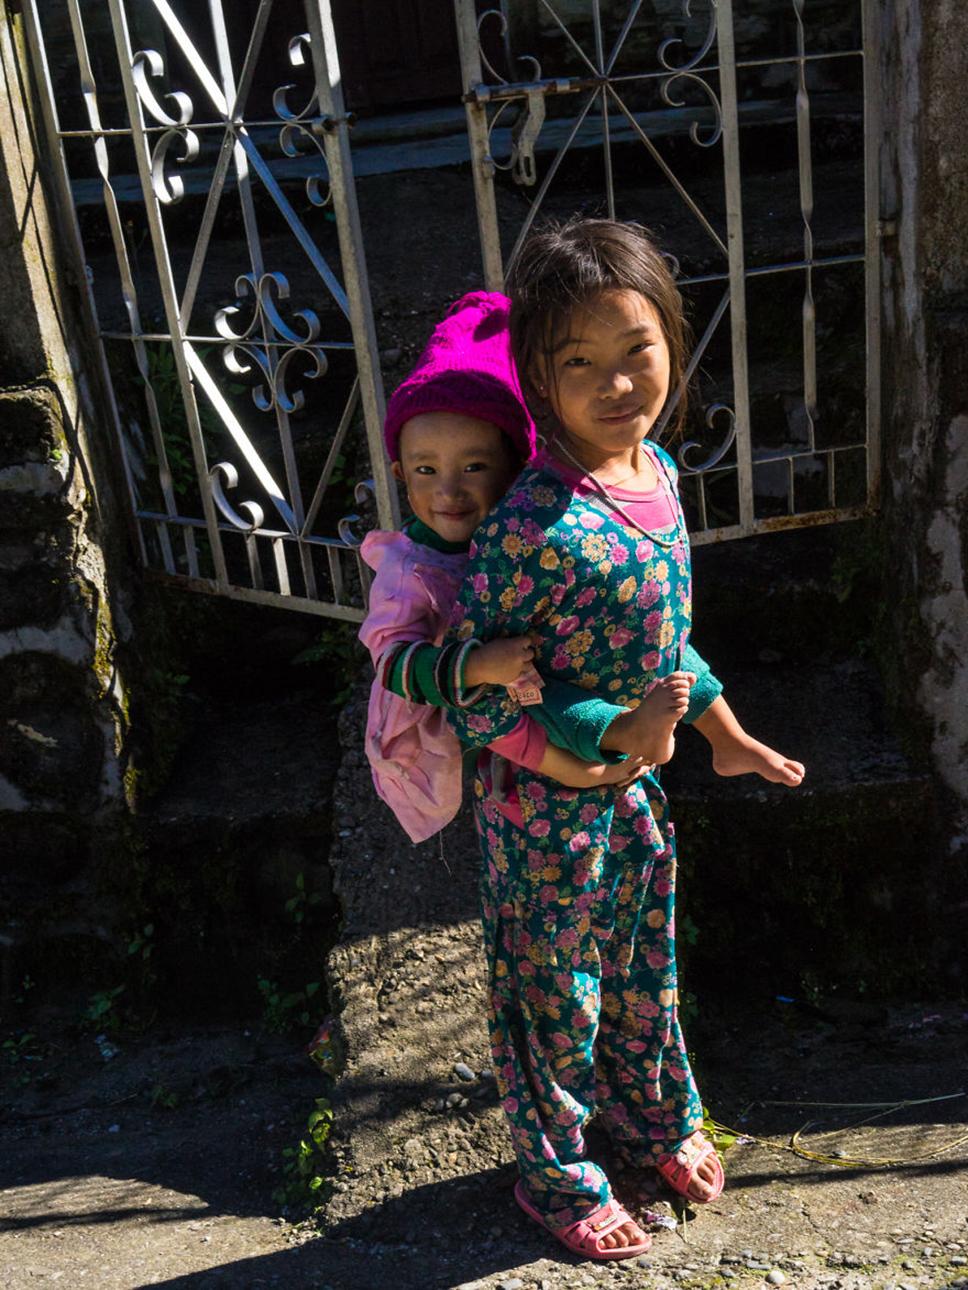 https://i0.wp.com/nomadesdigitais.com/wp-content/uploads/2016/01/Nepal.jpg